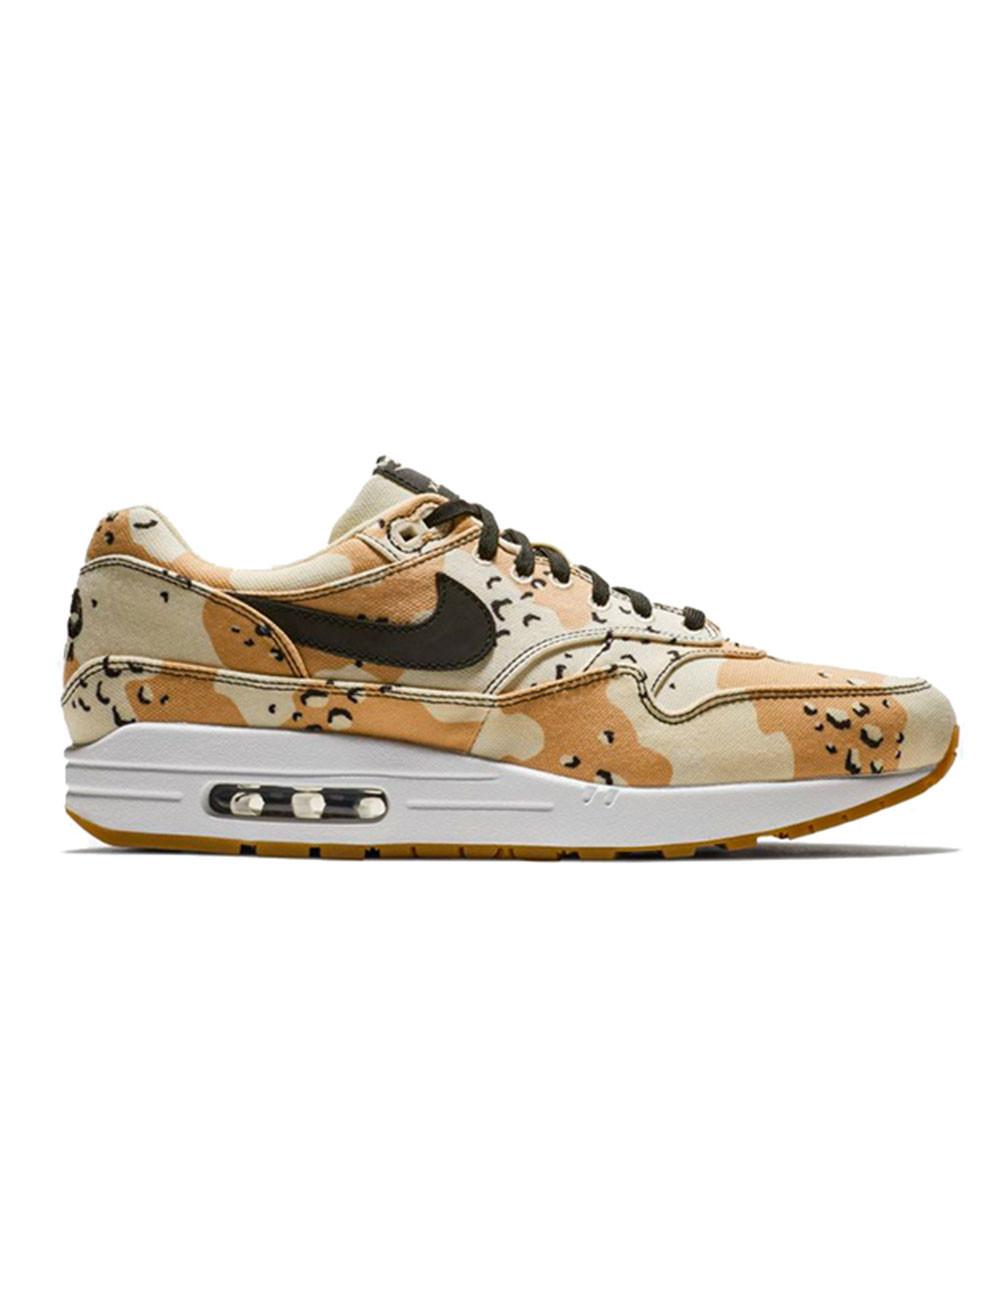 Nike sportswear Air max 1 prm - 875844-204 | Shapestore.it